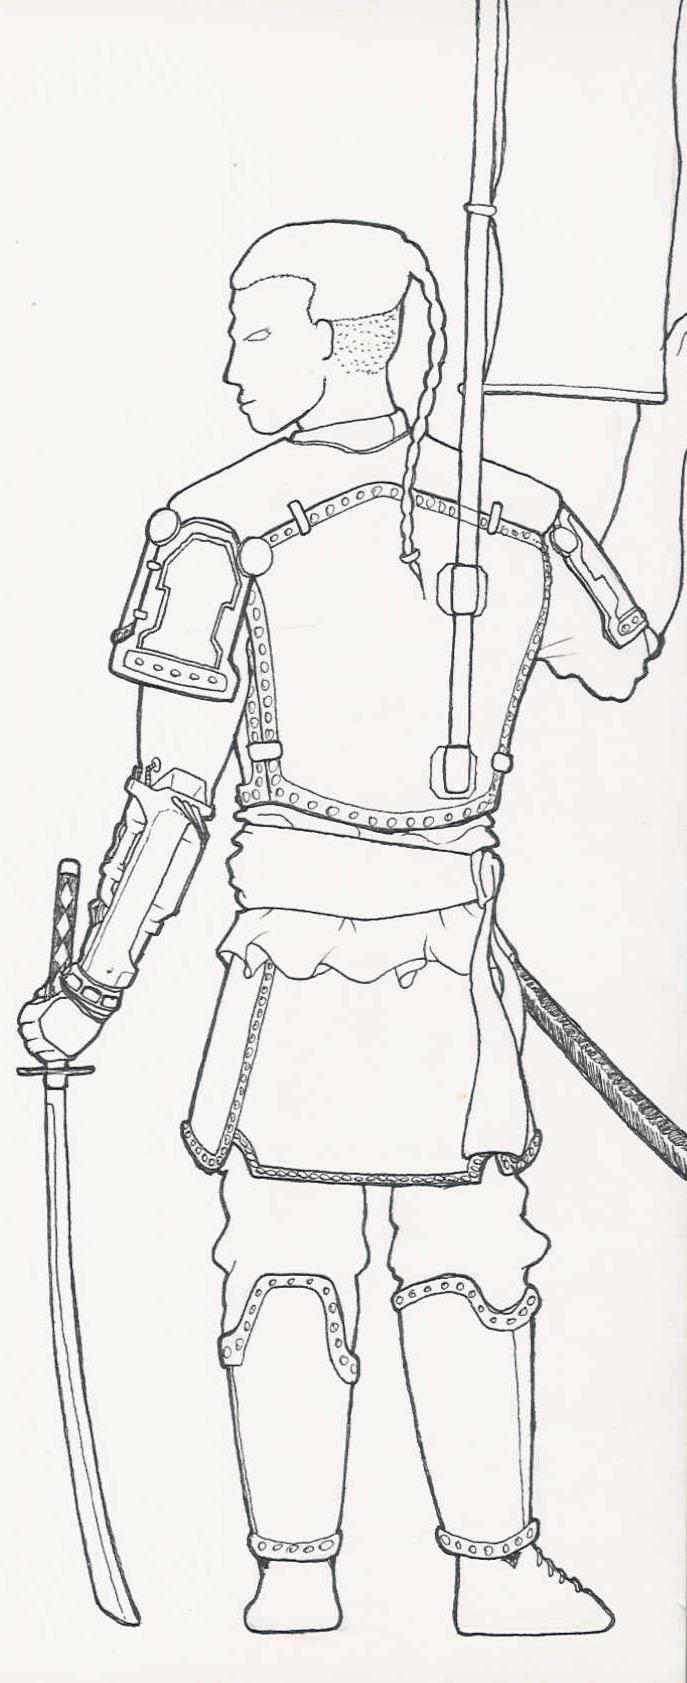 Robo-Arm Warrior